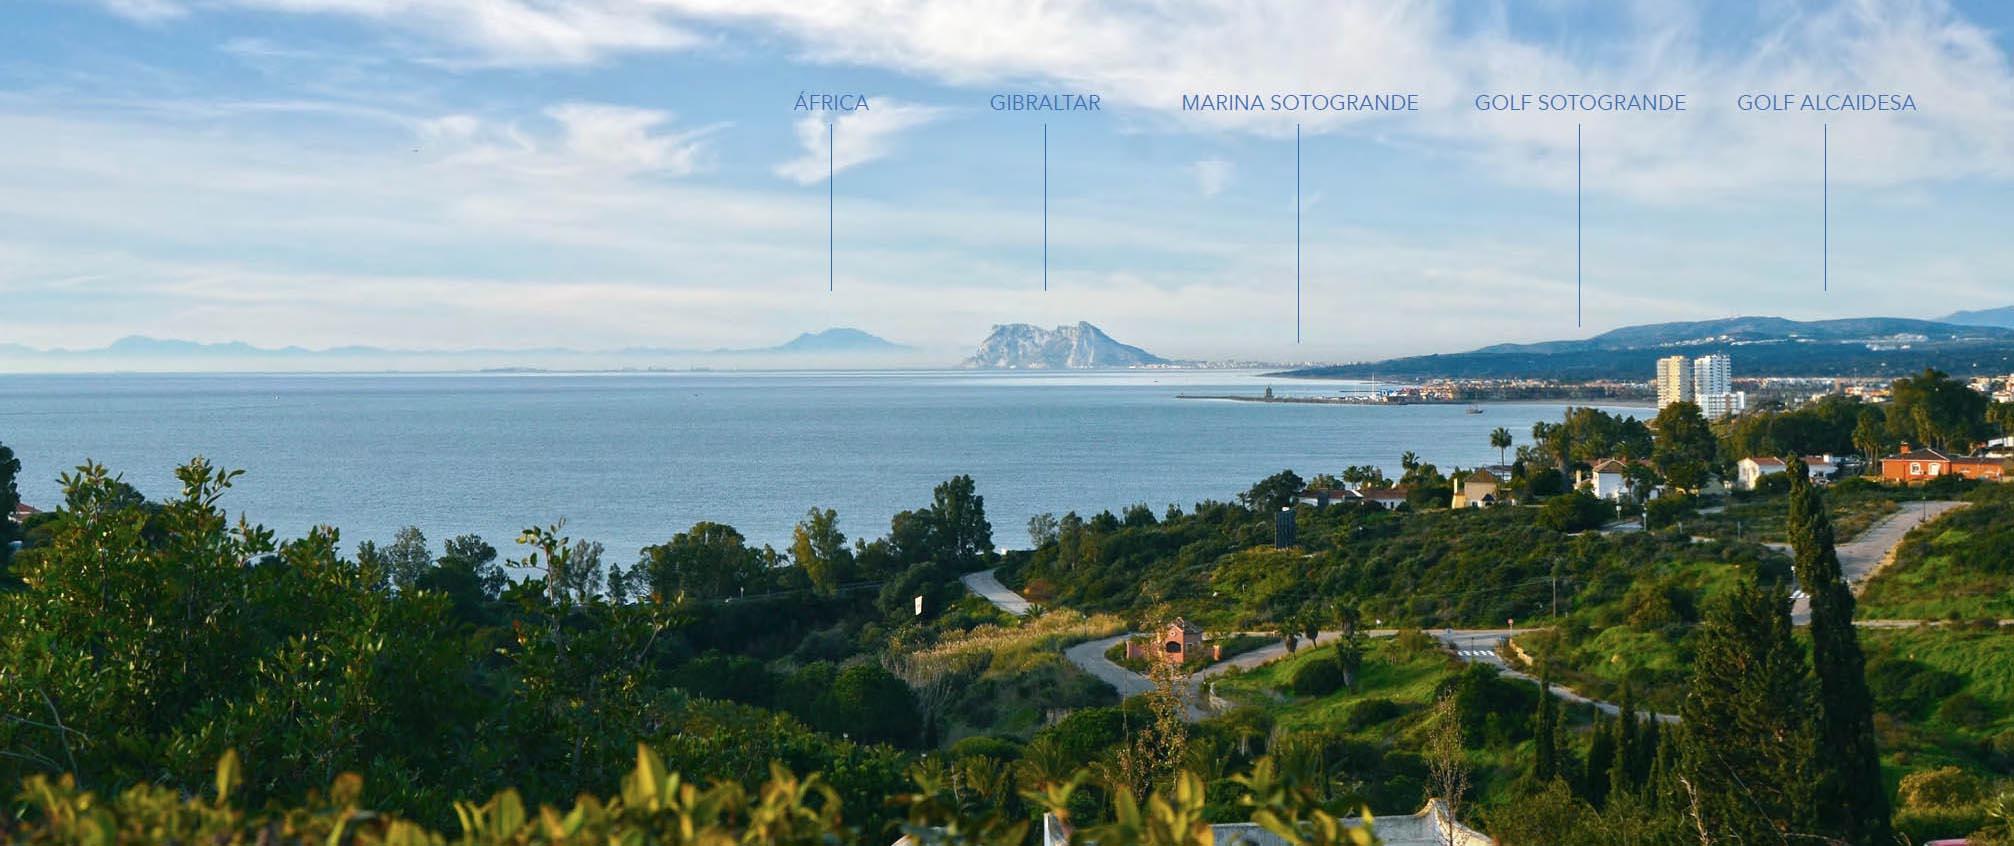 Views to Morocco, Gibraltar, Marina Sotogrande and the Mediterranean sea.